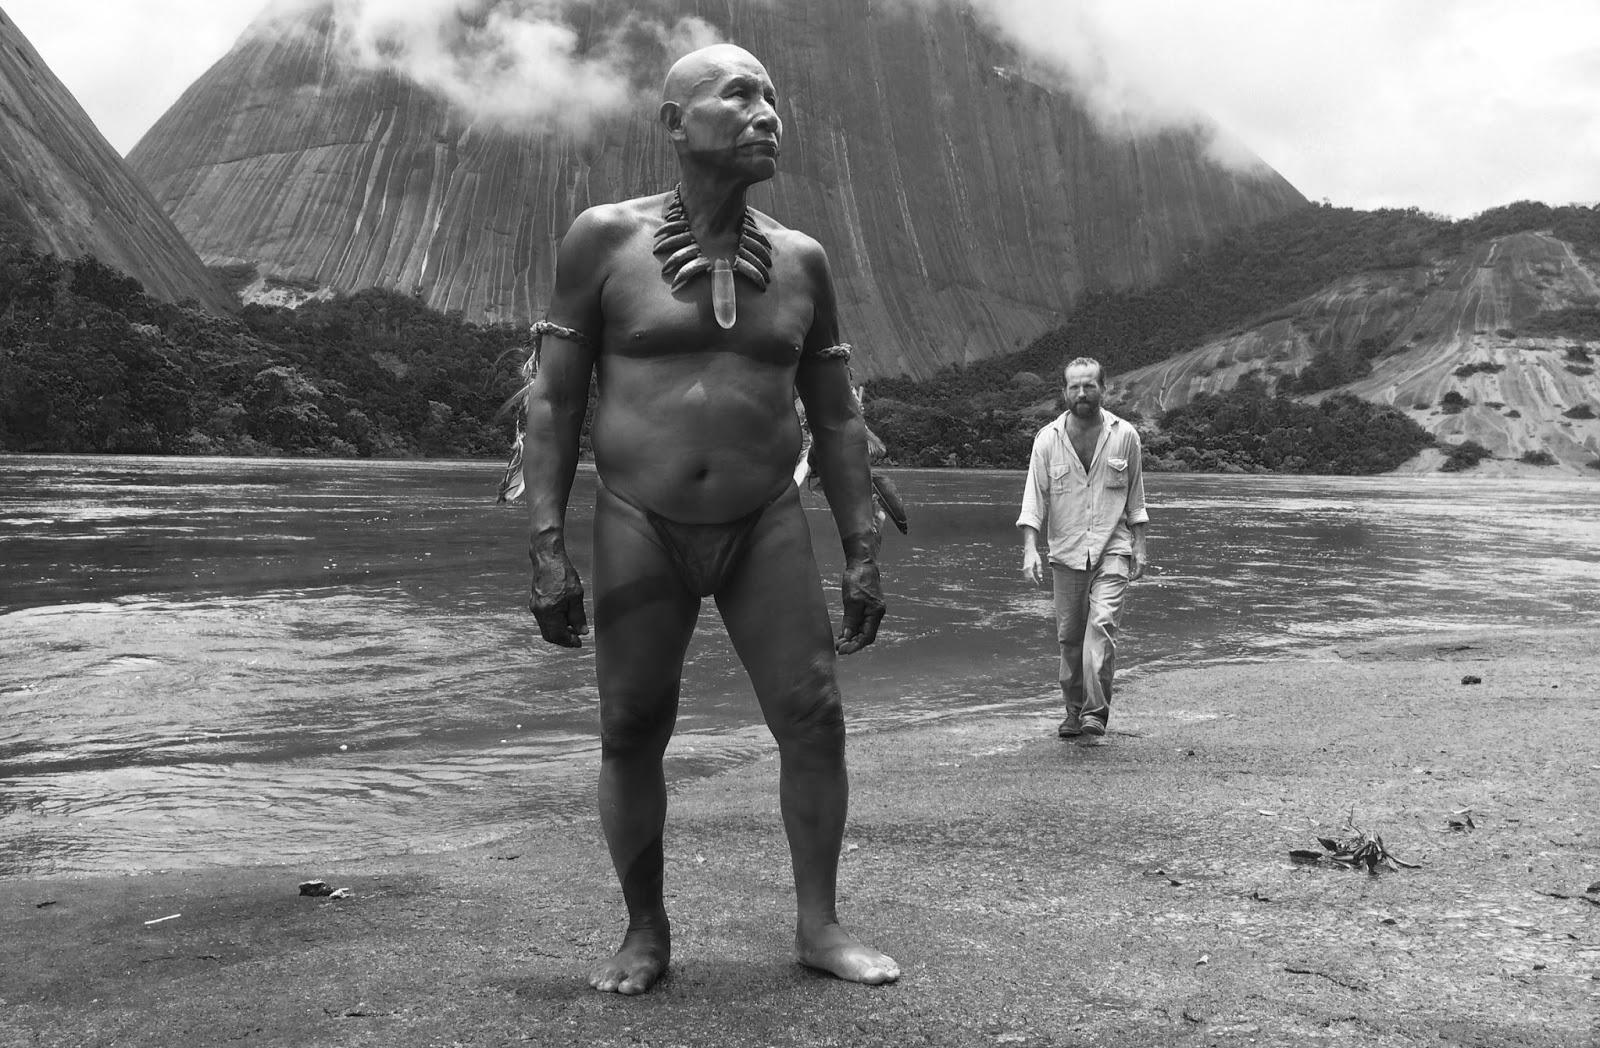 En la película respetamos la naturaleza: Miguel Dionisio